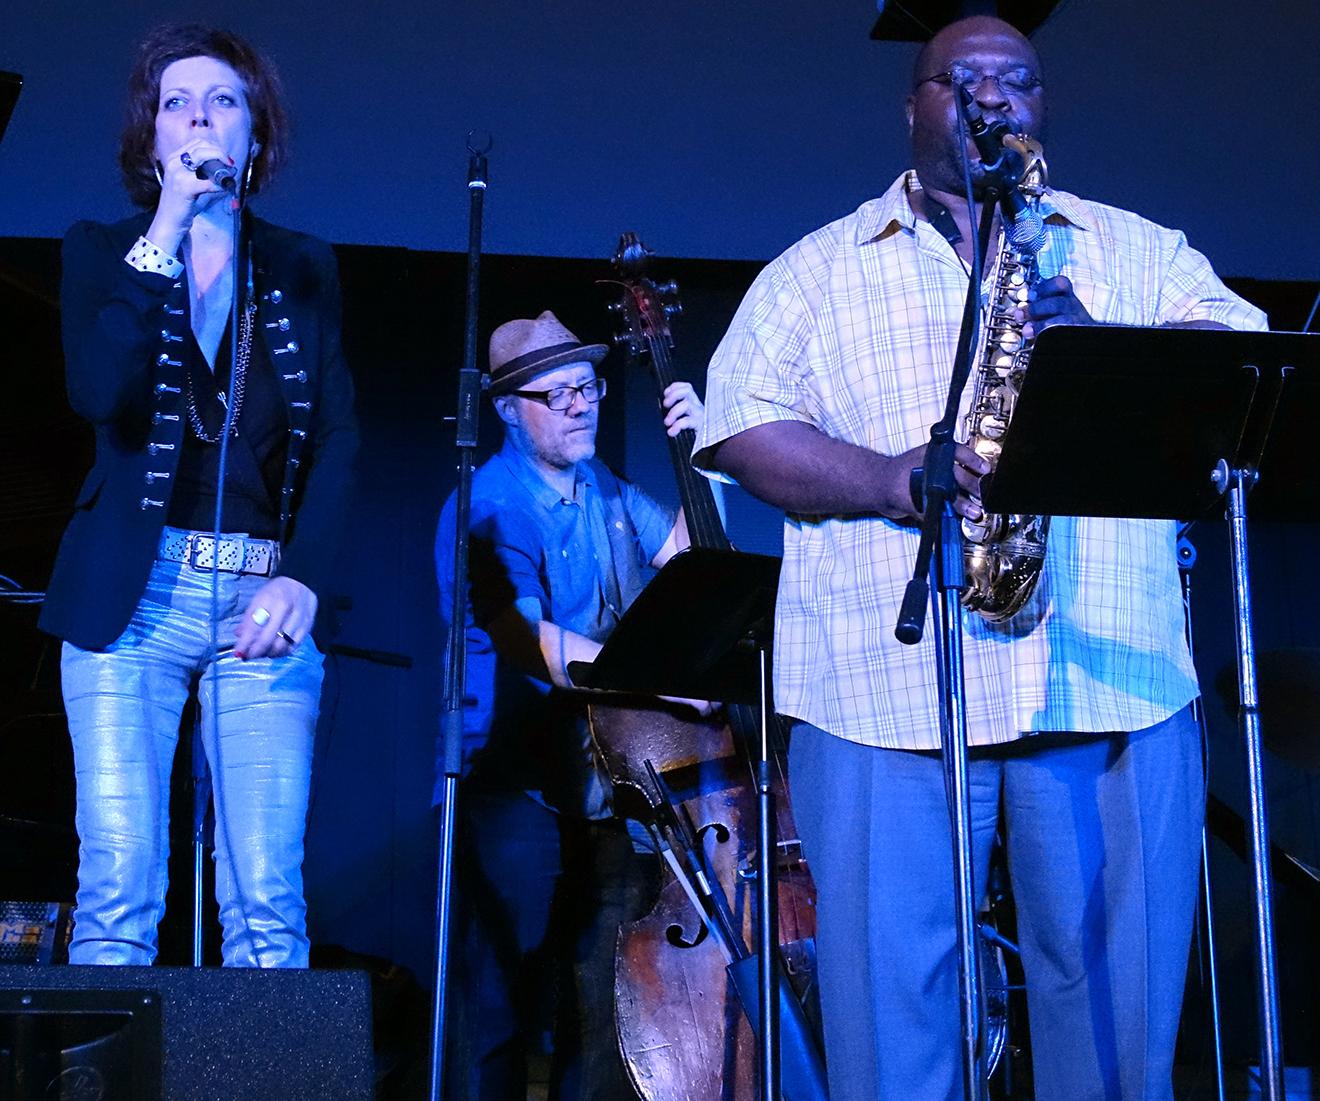 Emilie LesBros, Sean Conly, & Darius Jones at Vision Festival 20